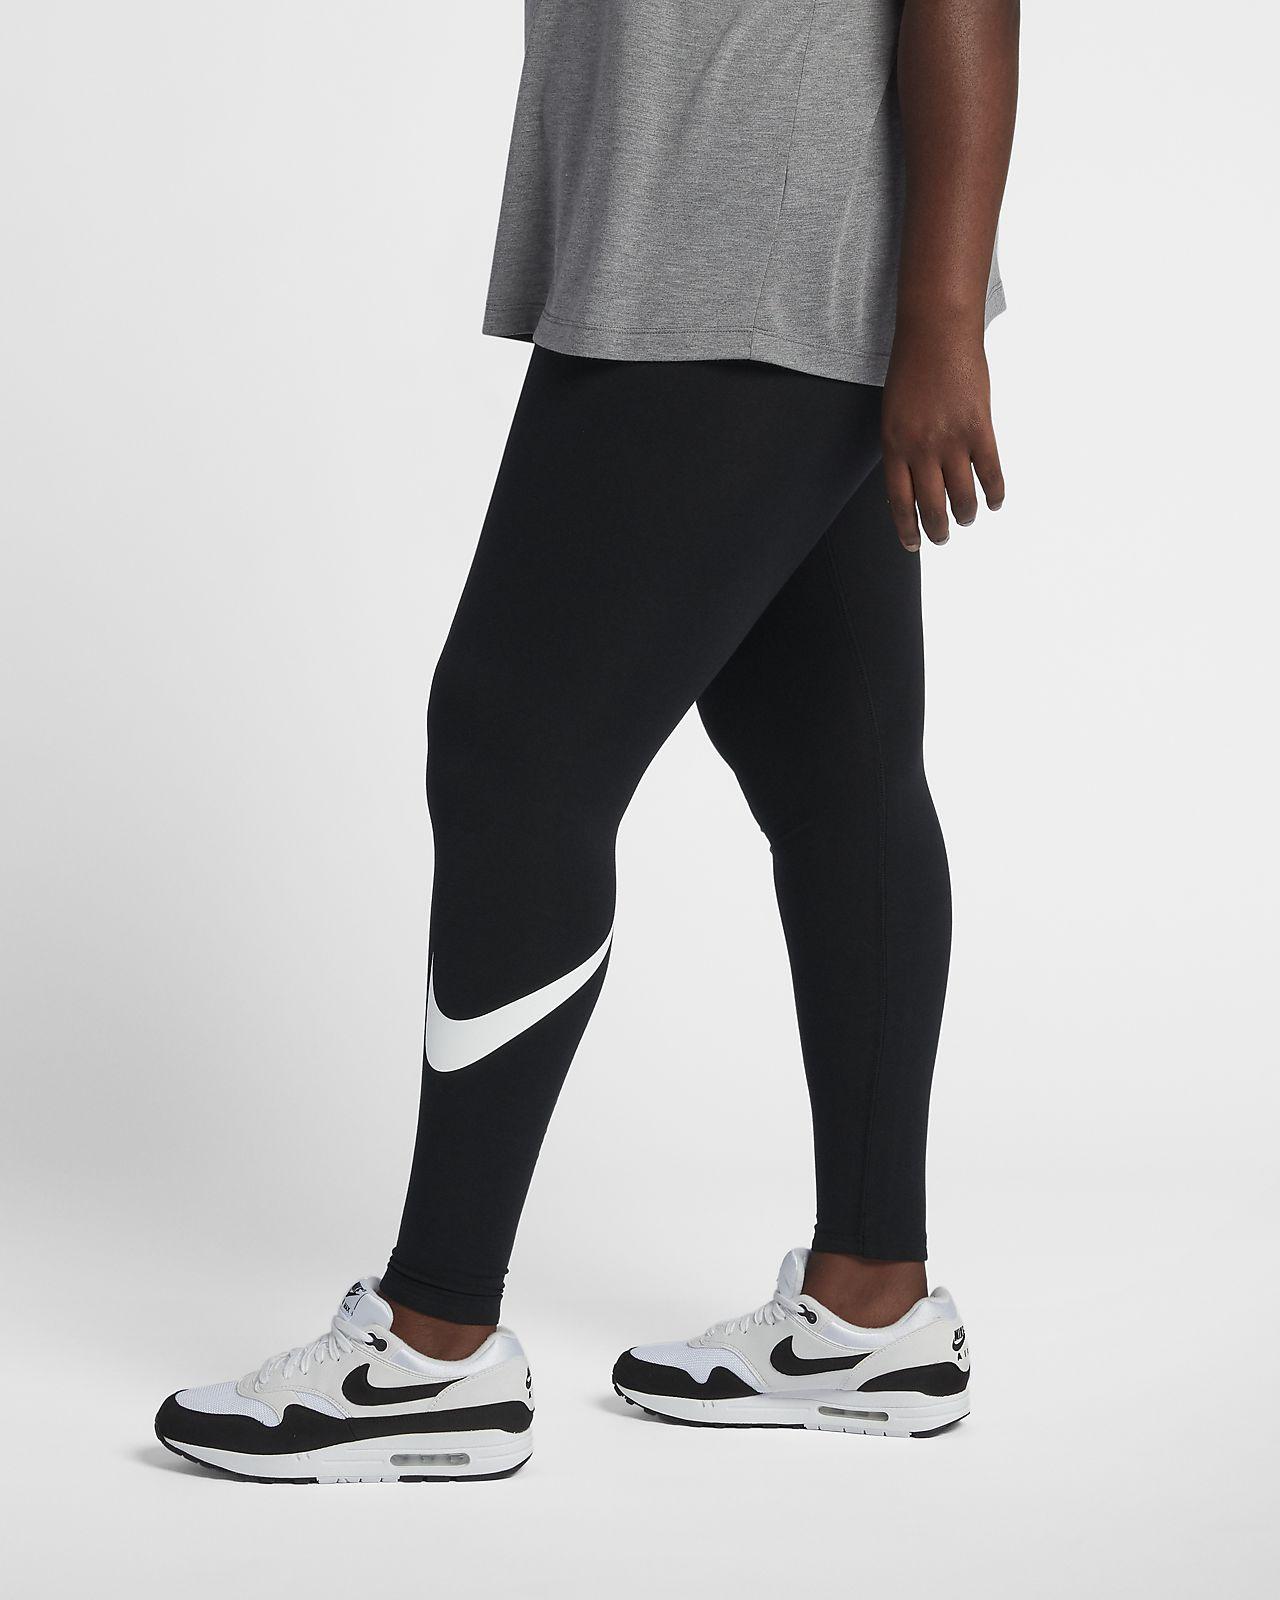 Nike Sportswear női leggings (plus size méret)